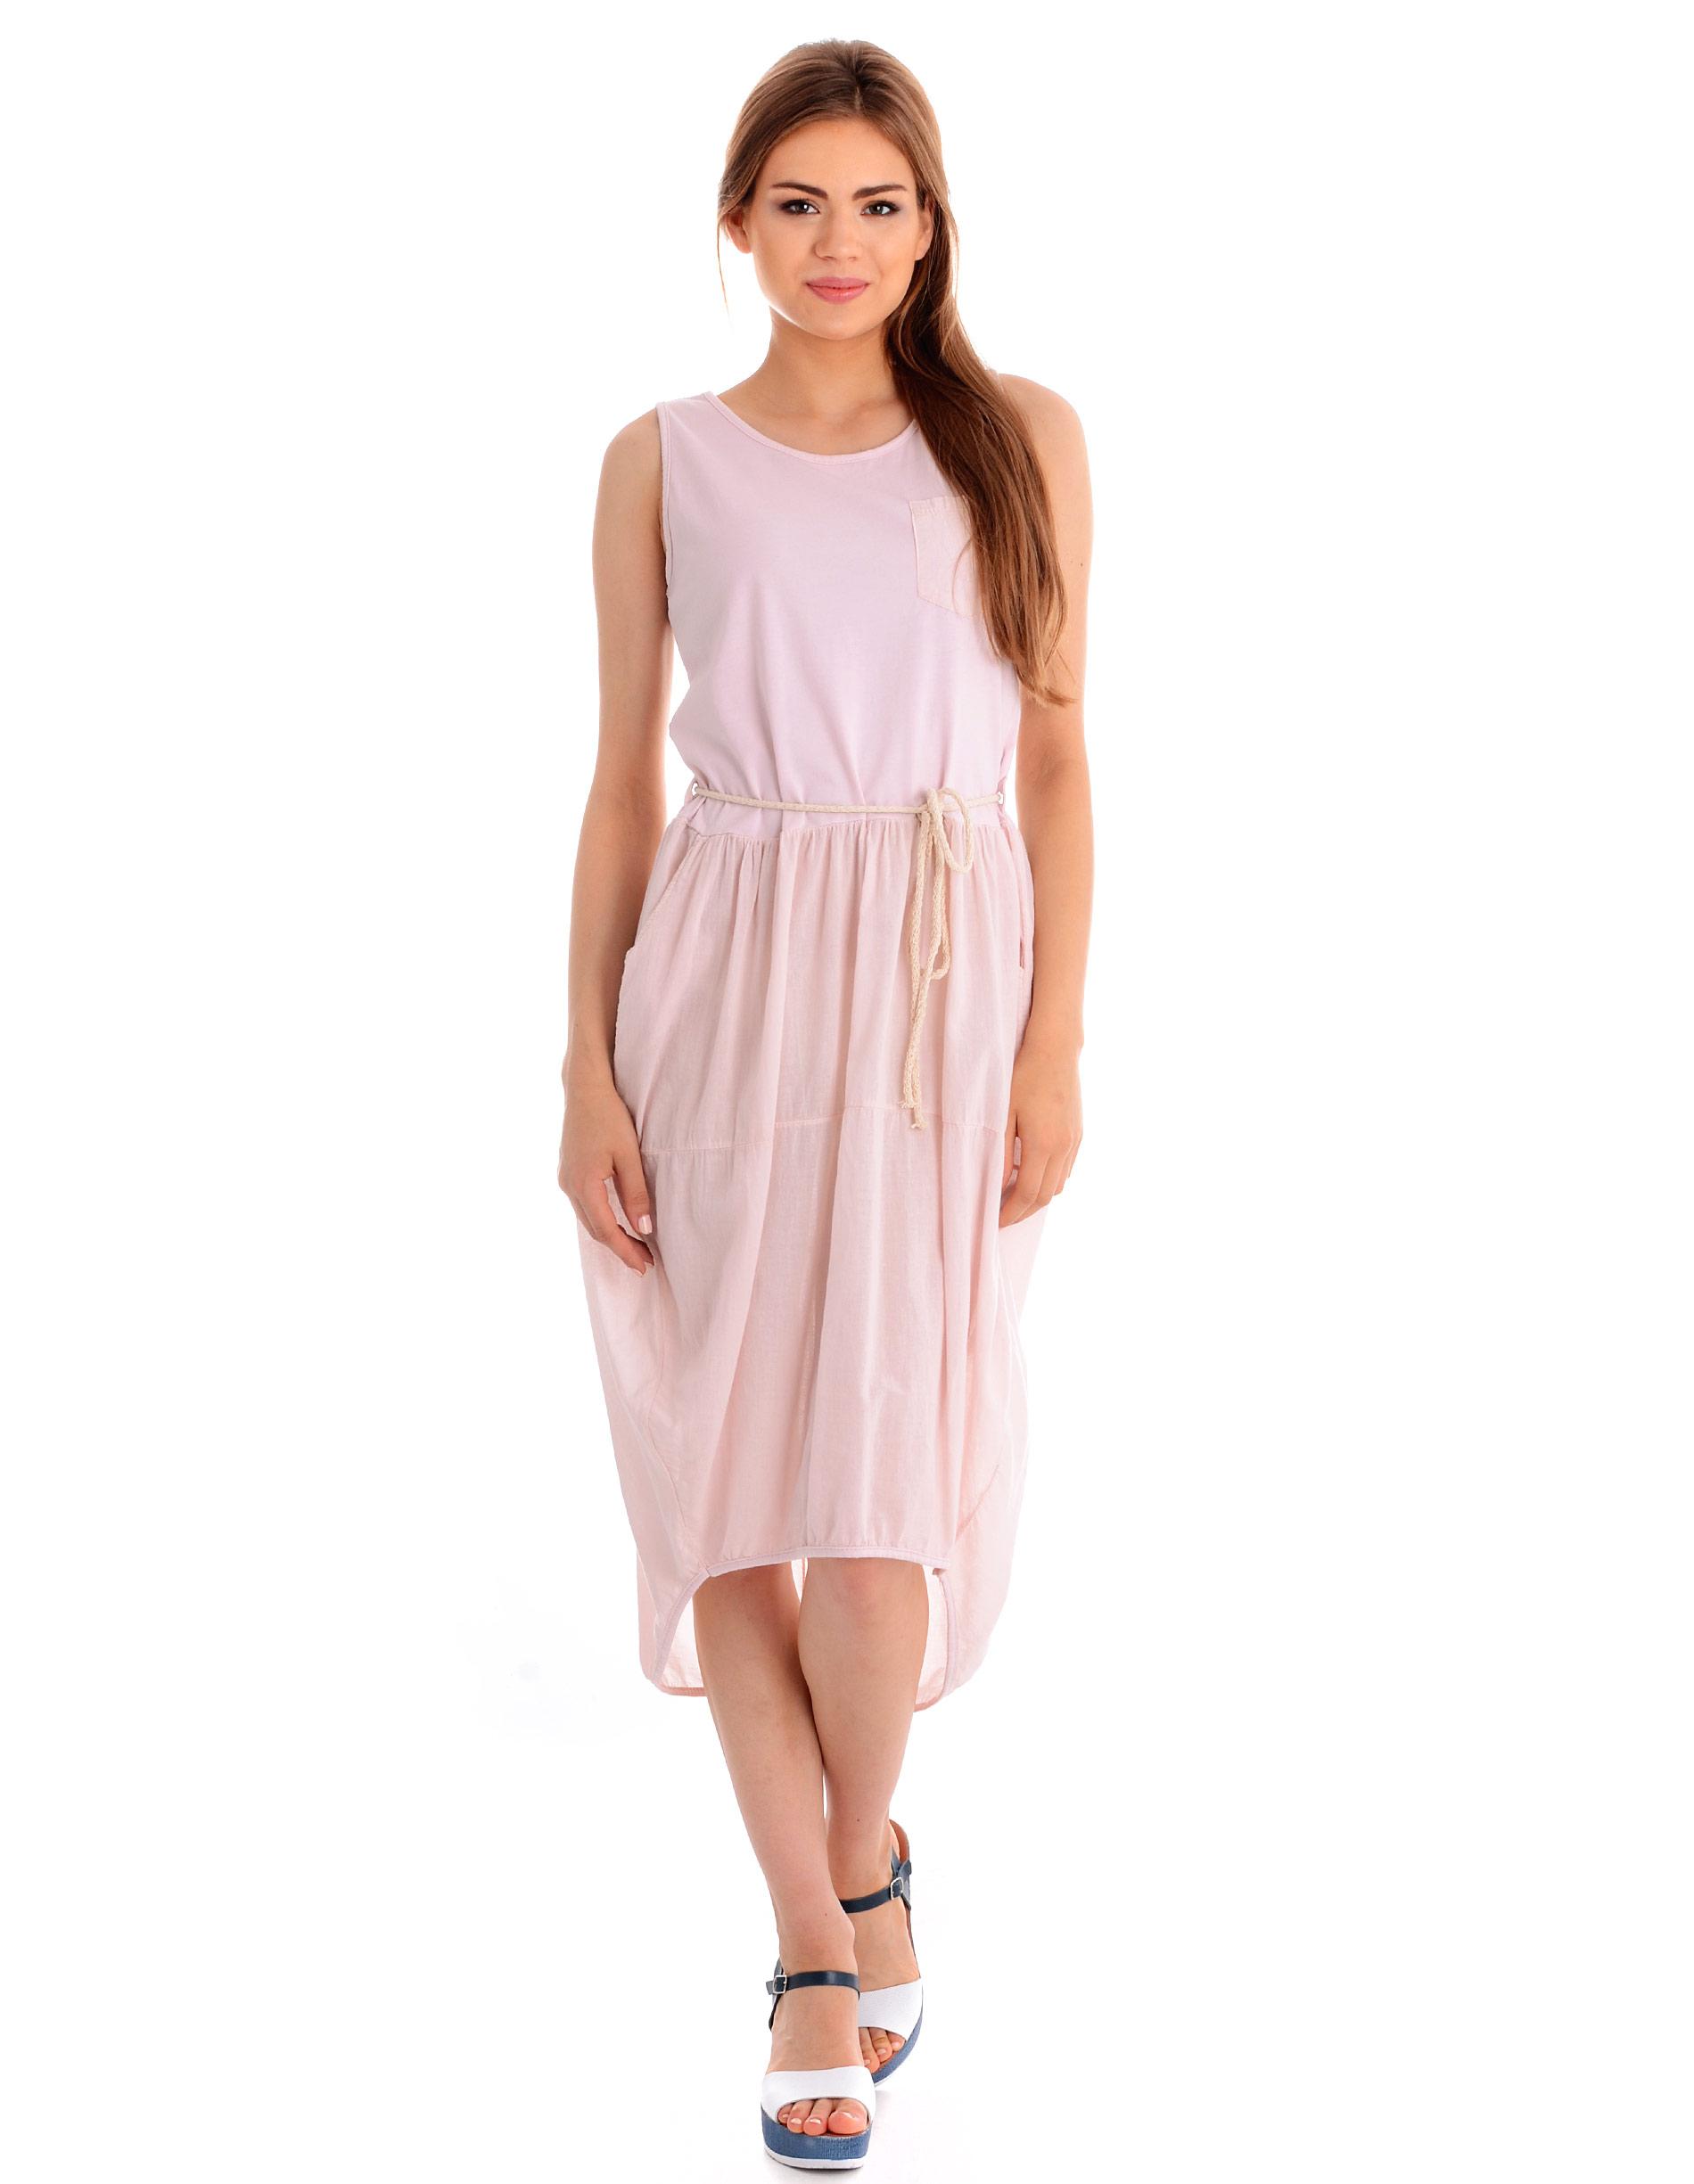 Sukienka - 56-1595 ROSA - Unisono